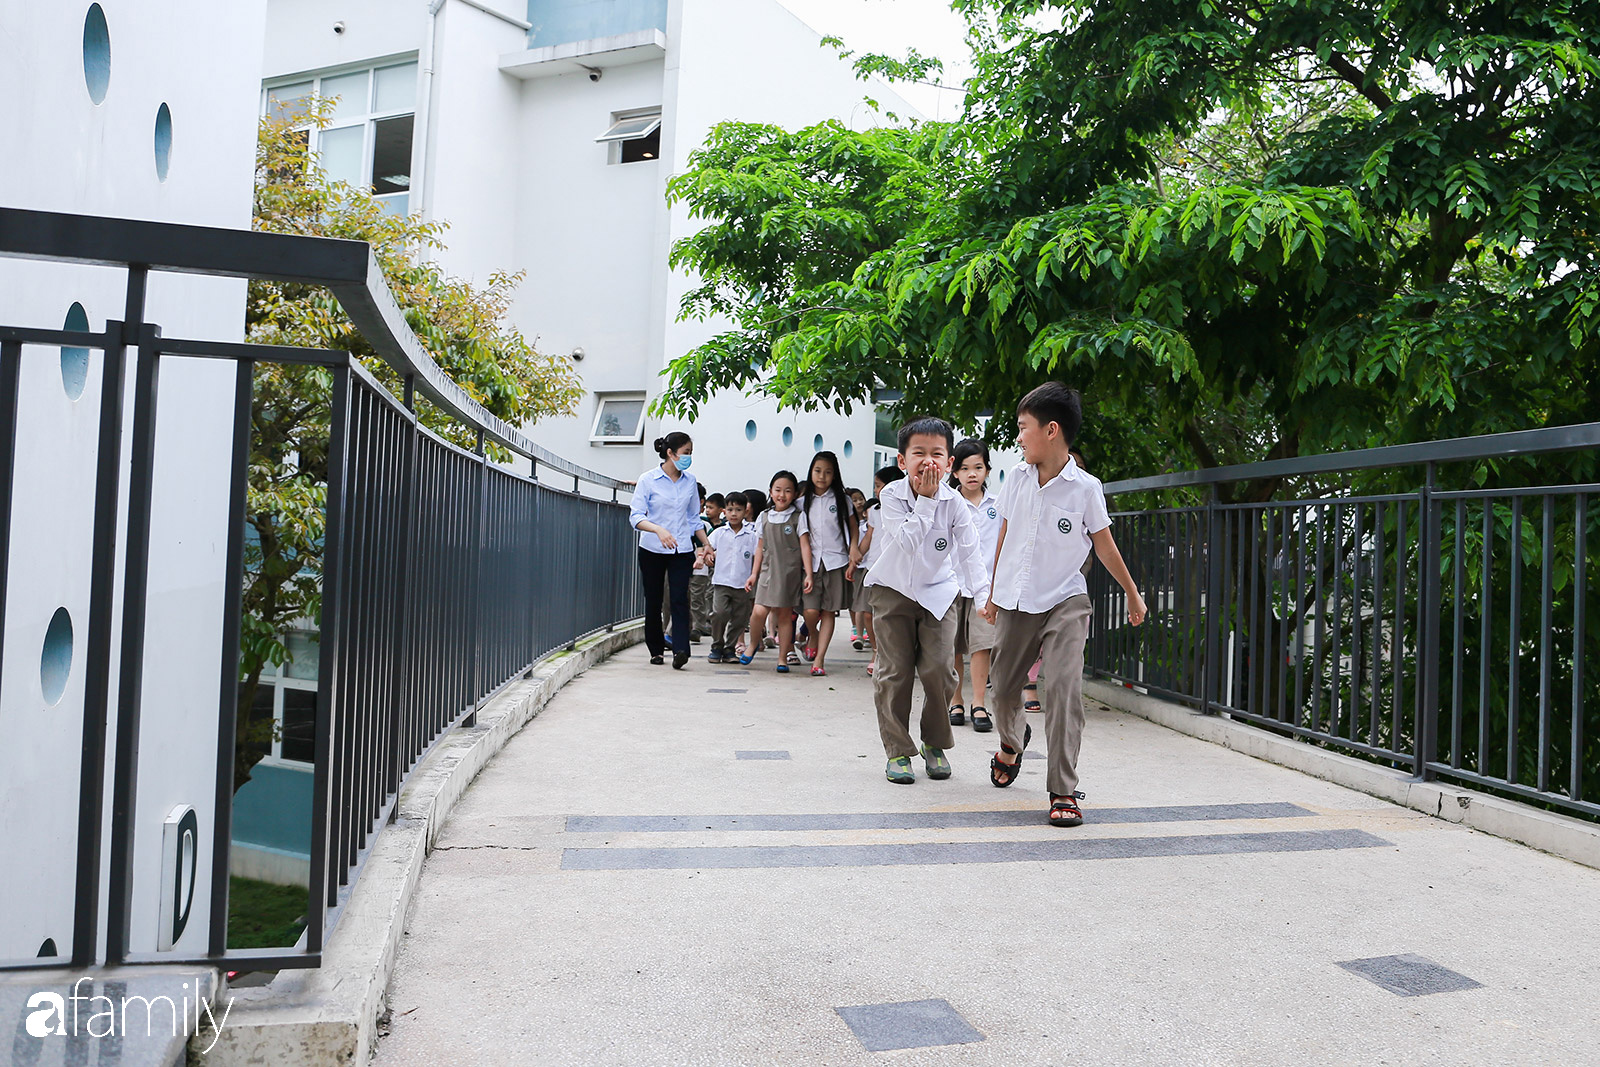 Đoàn Thị Điểm Ecopark: ngôi trường của những niềm vui xanh, nơi lũ trẻ được vui chơi trong bầu không khí mát lành - Ảnh 5.